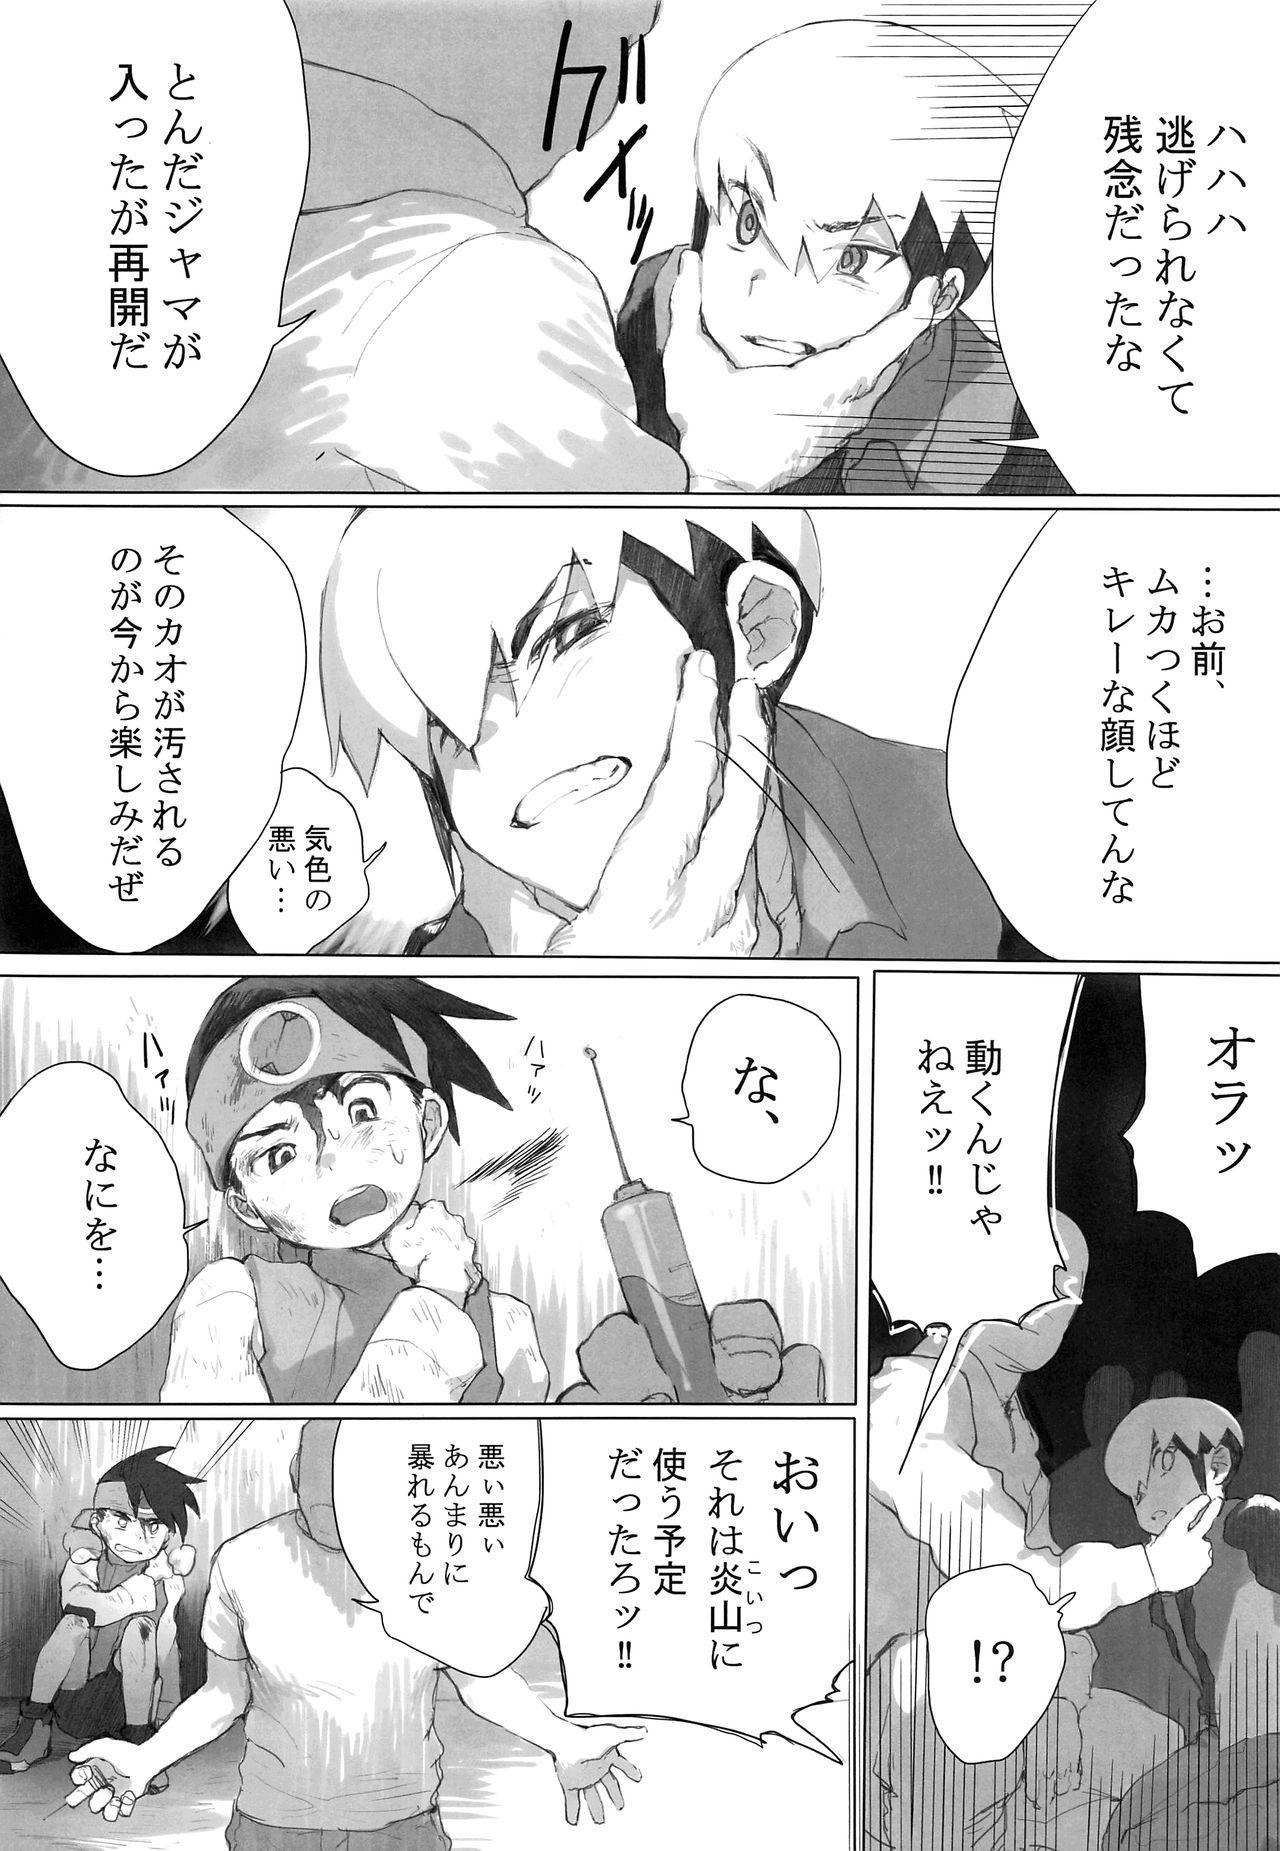 Netsu + Honoo Mobure Bon 10